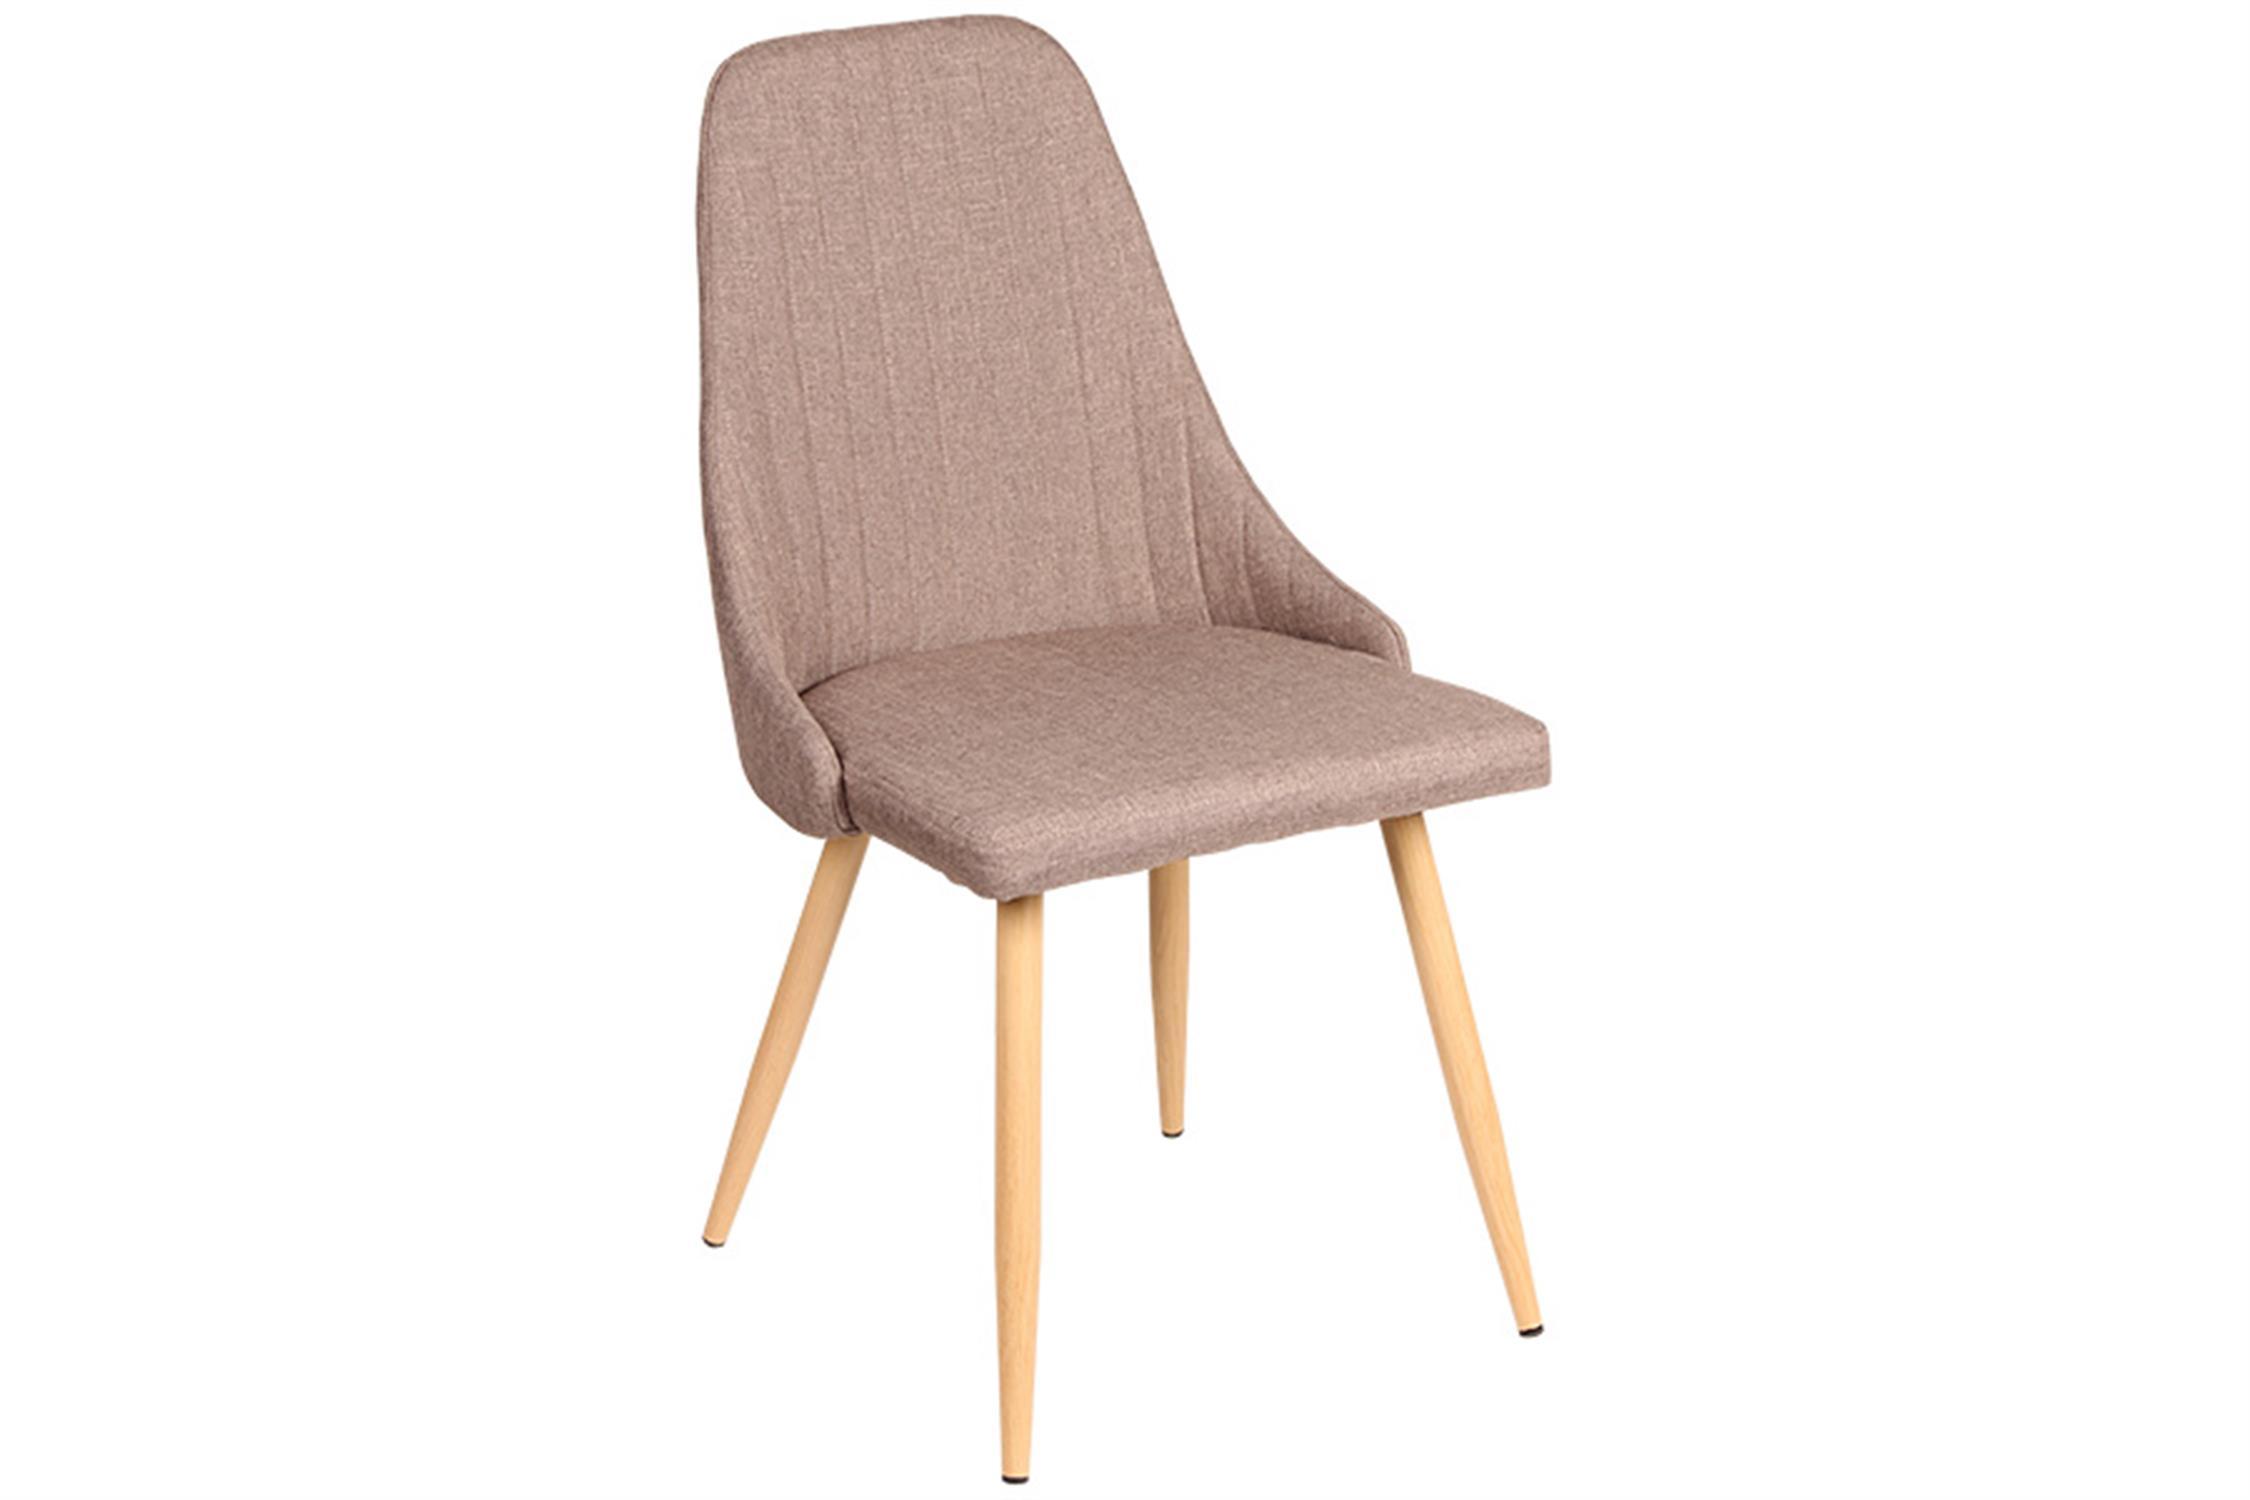 Καρέκλα Carla με μεταλλικά πόδια υφασμάτινη χρώμα του πούρου/natural 49x45x91cm Home Plus 01.01.0886